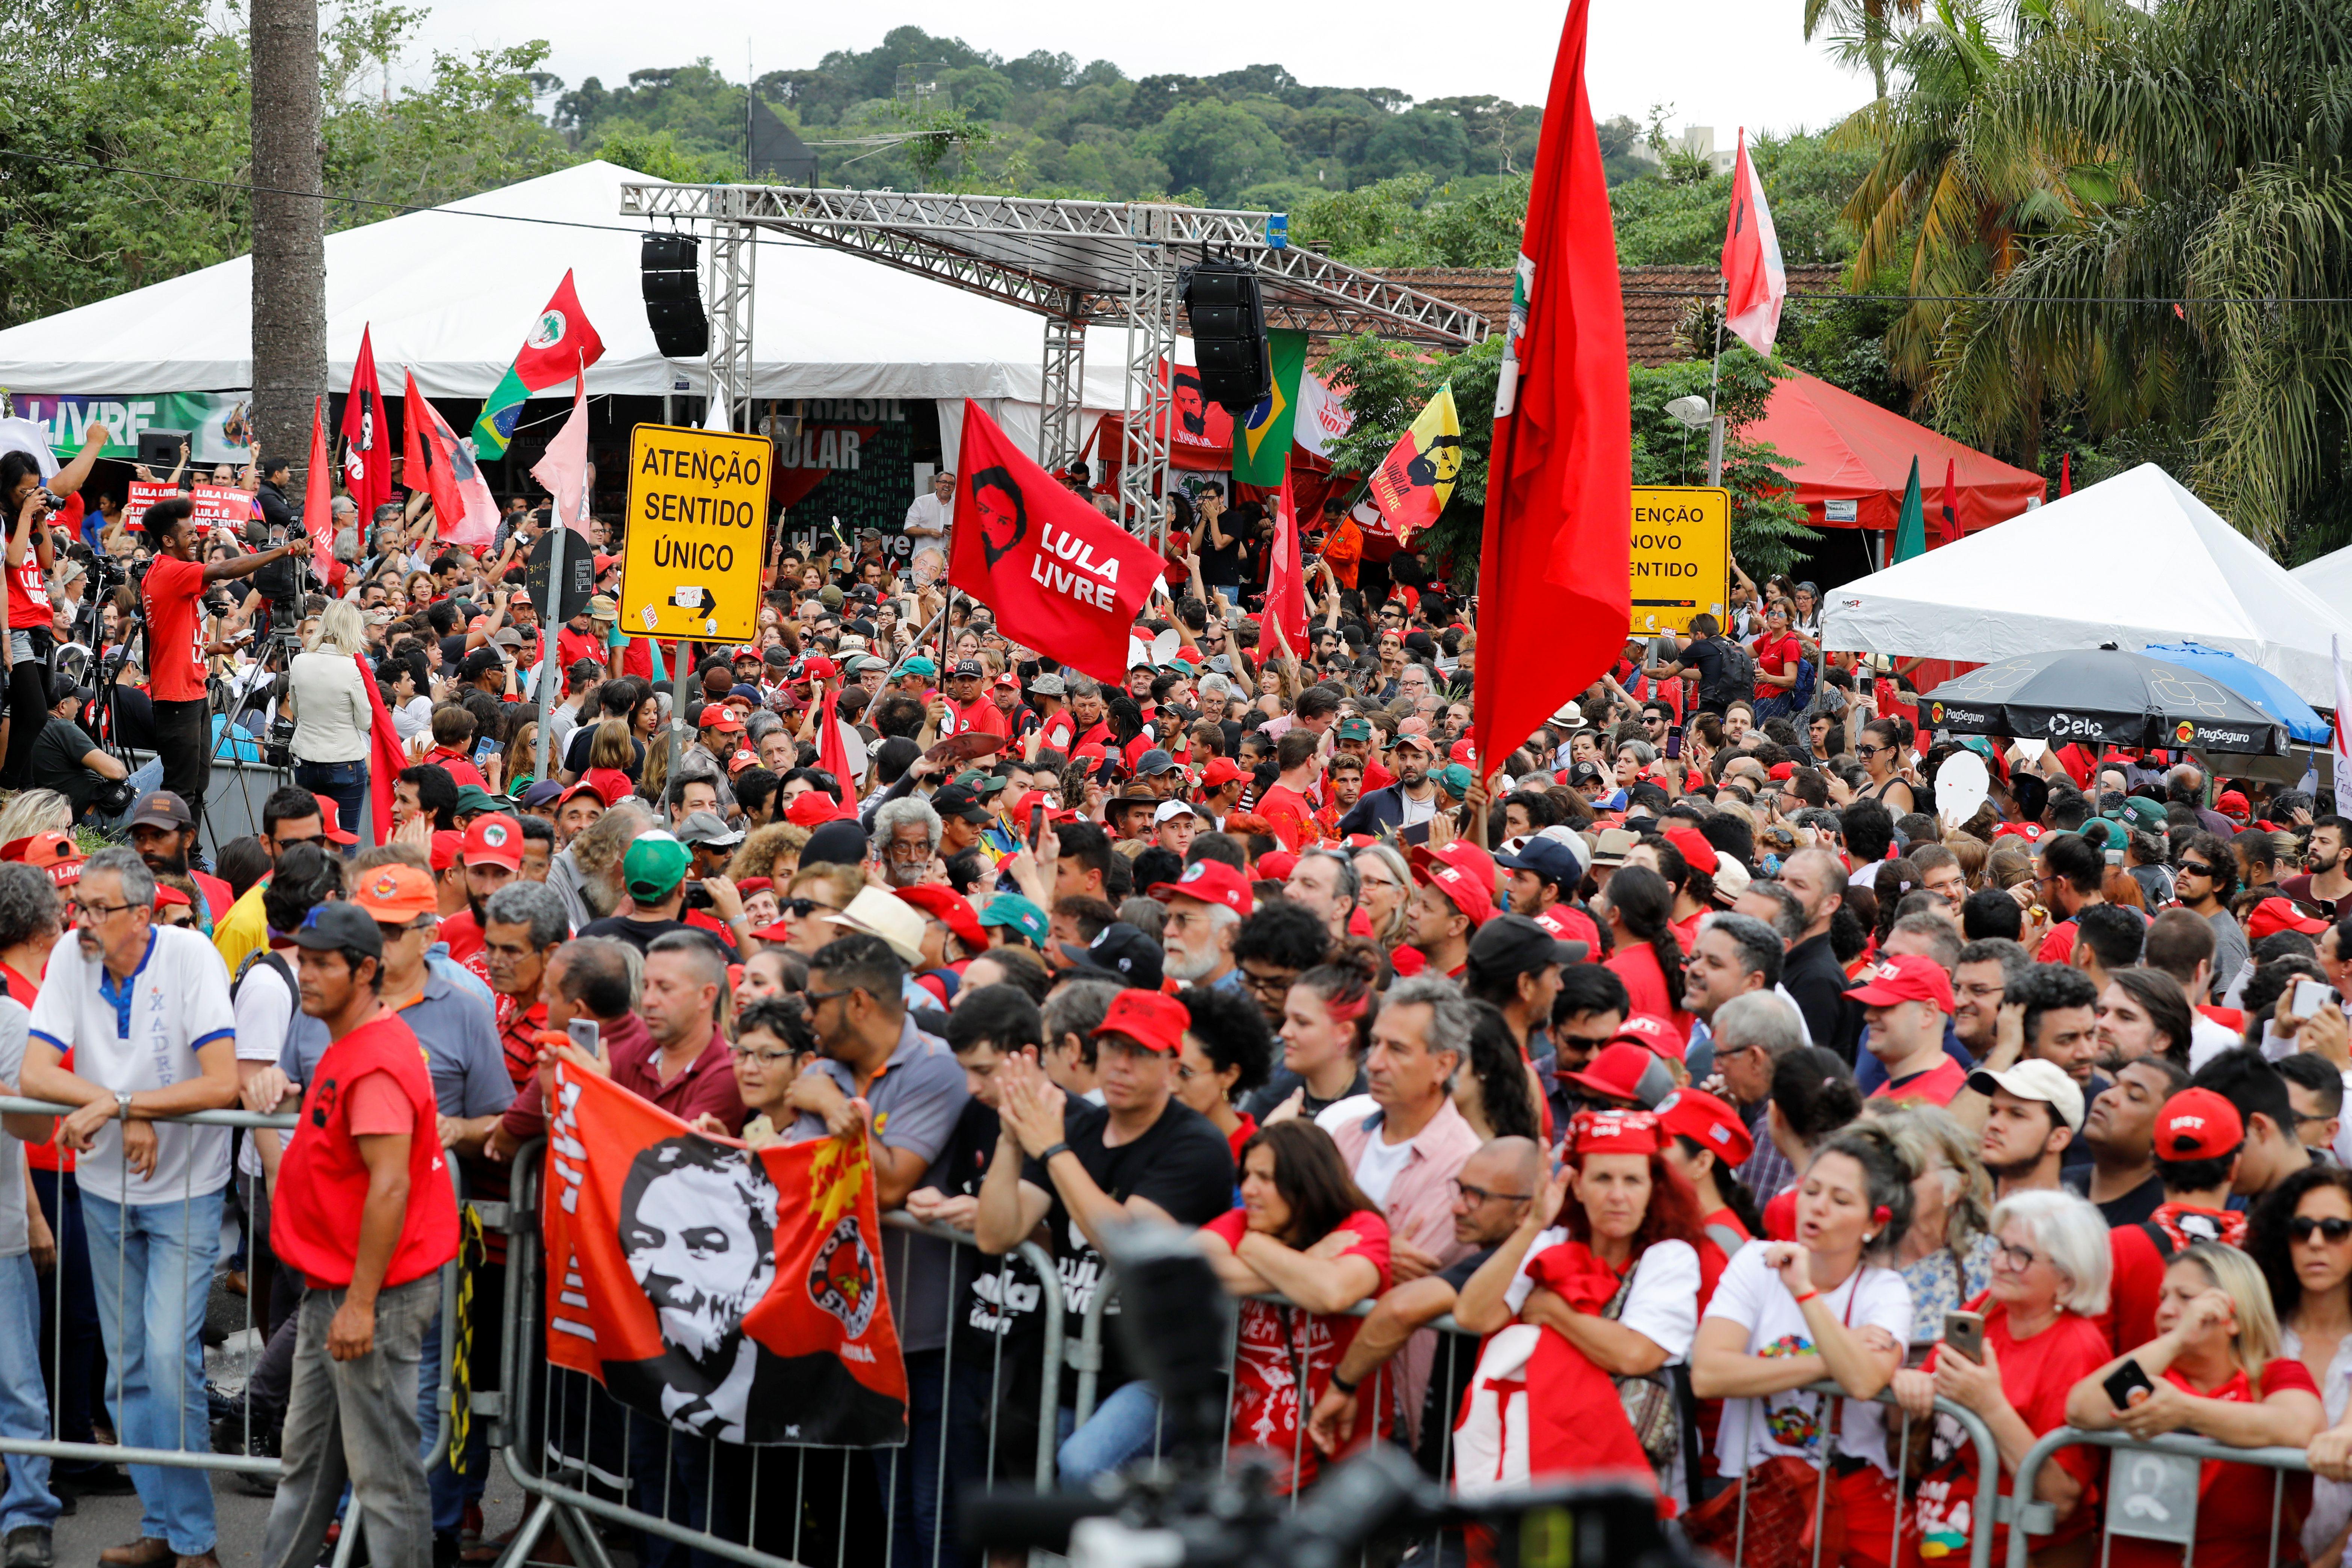 Manifestación de los seguidores de Lula da Silva en la puerta de la sede de la Policía Federal en Curitiba, a la espera de su liberación  (REUTERS/Rodolfo Buhrer)